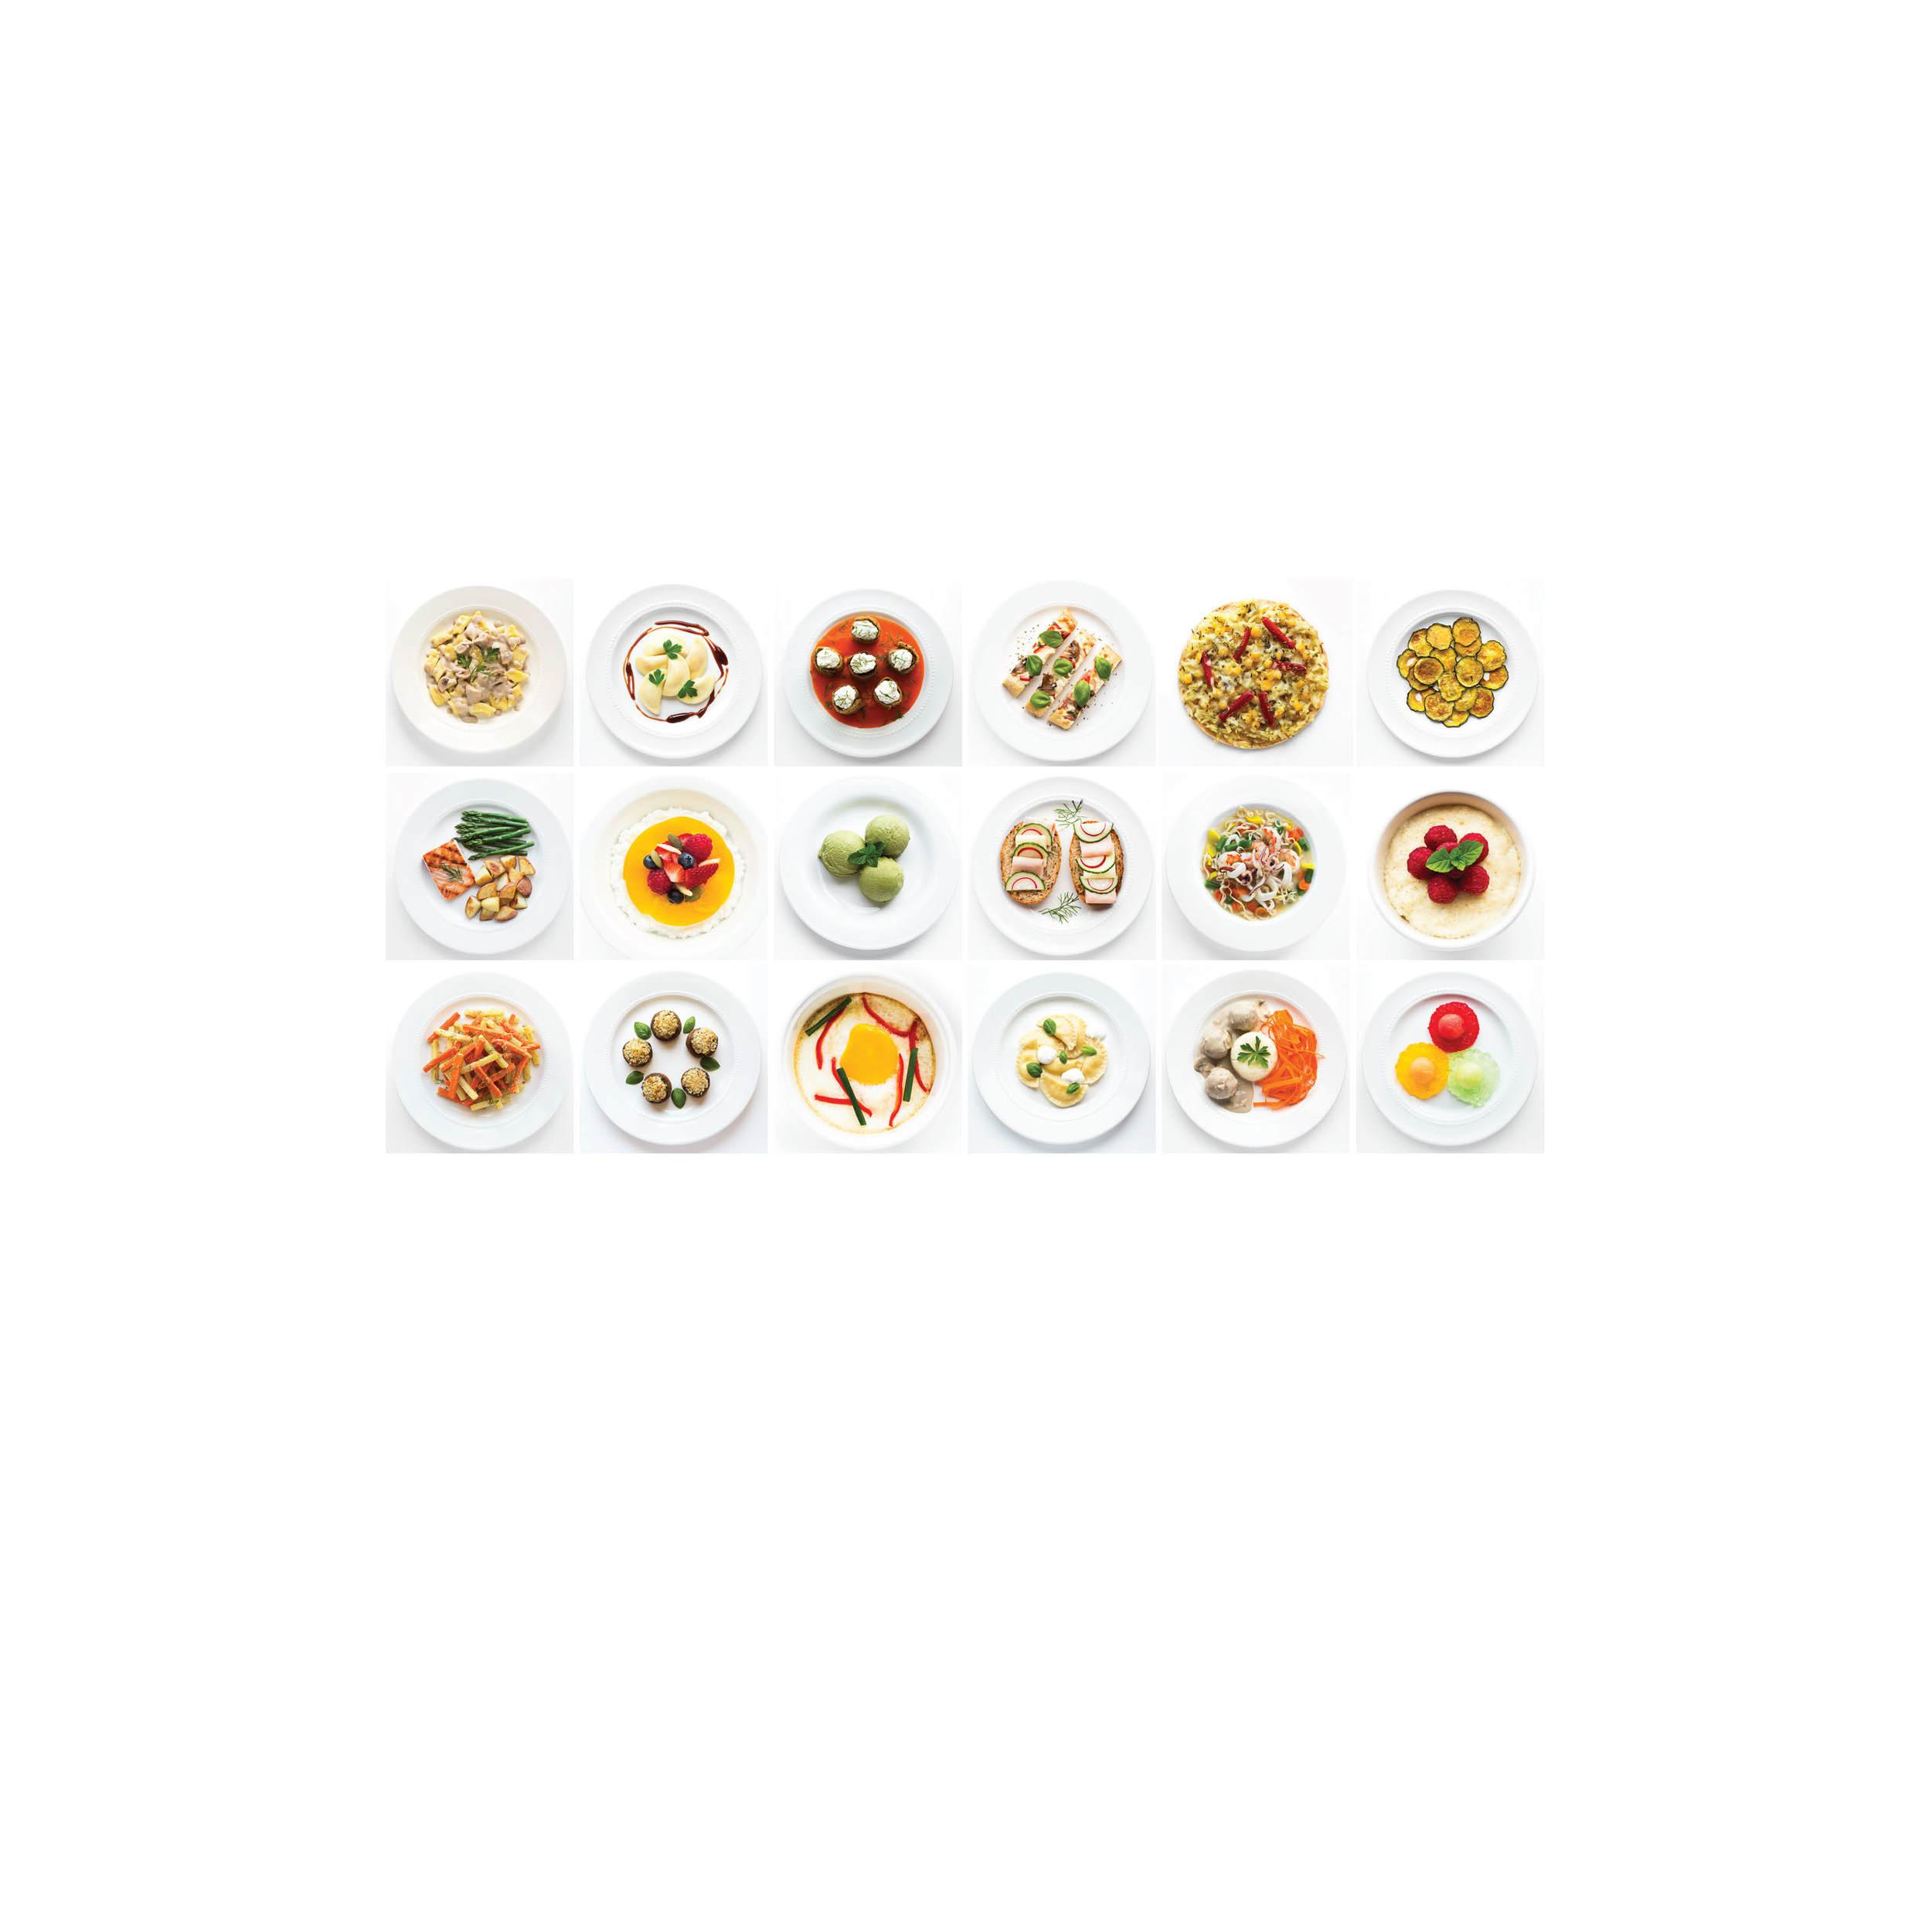 ER-cookbook-10x10-v08-FIXED-Oct23--test_Page_32.jpg